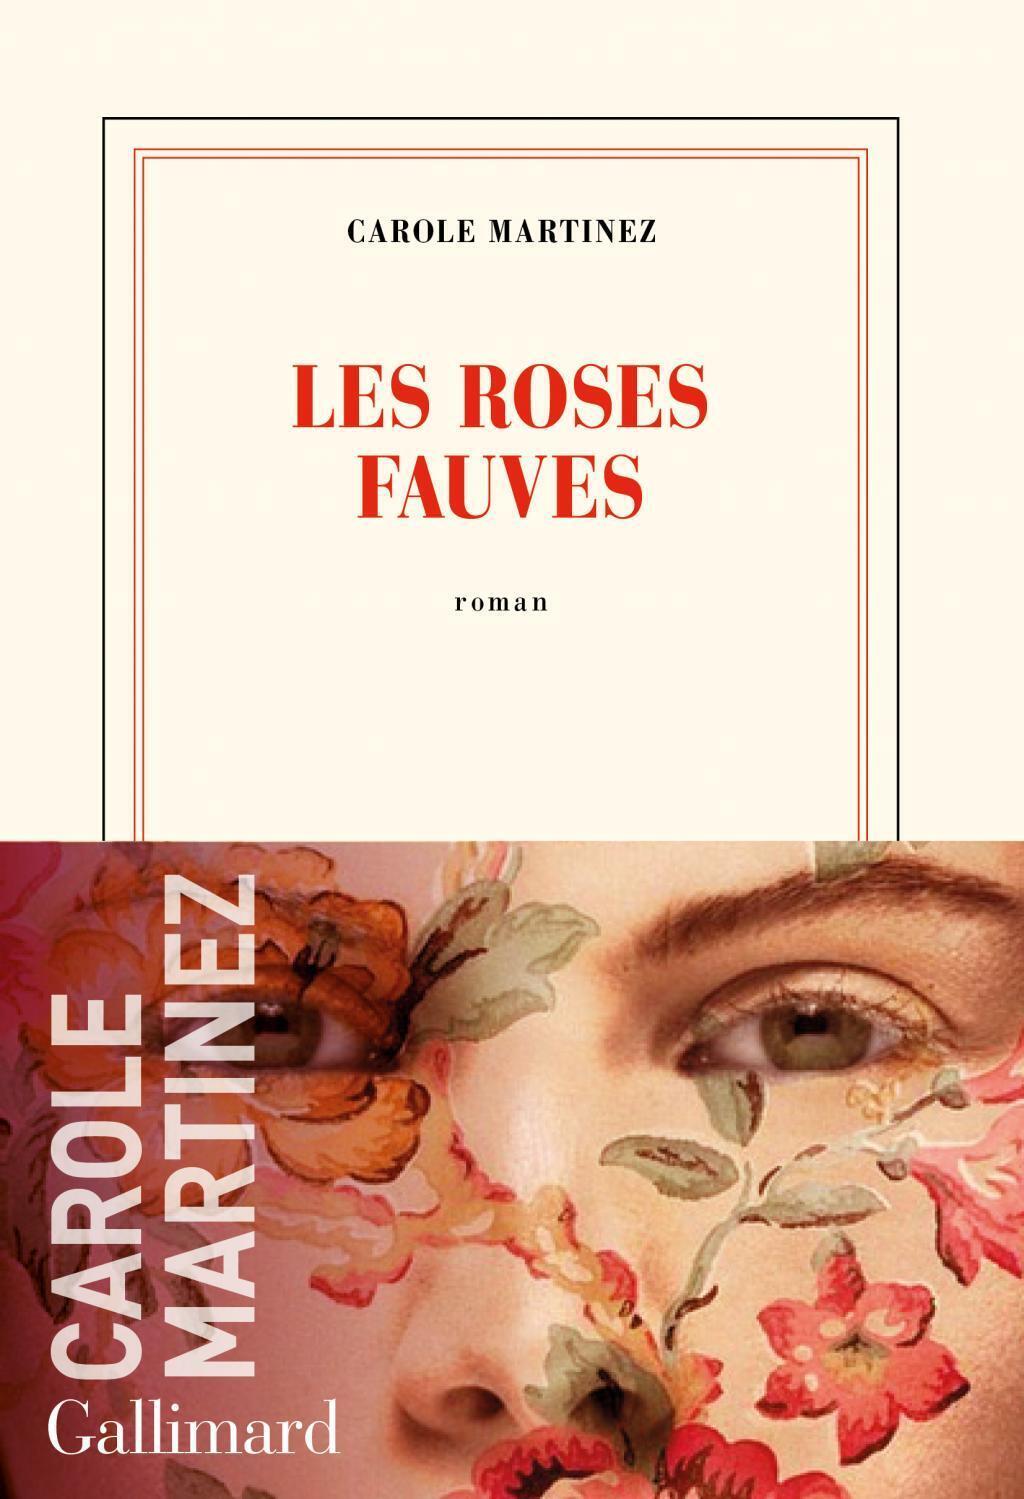 Couverture du nouveau roman de Carole Martinez